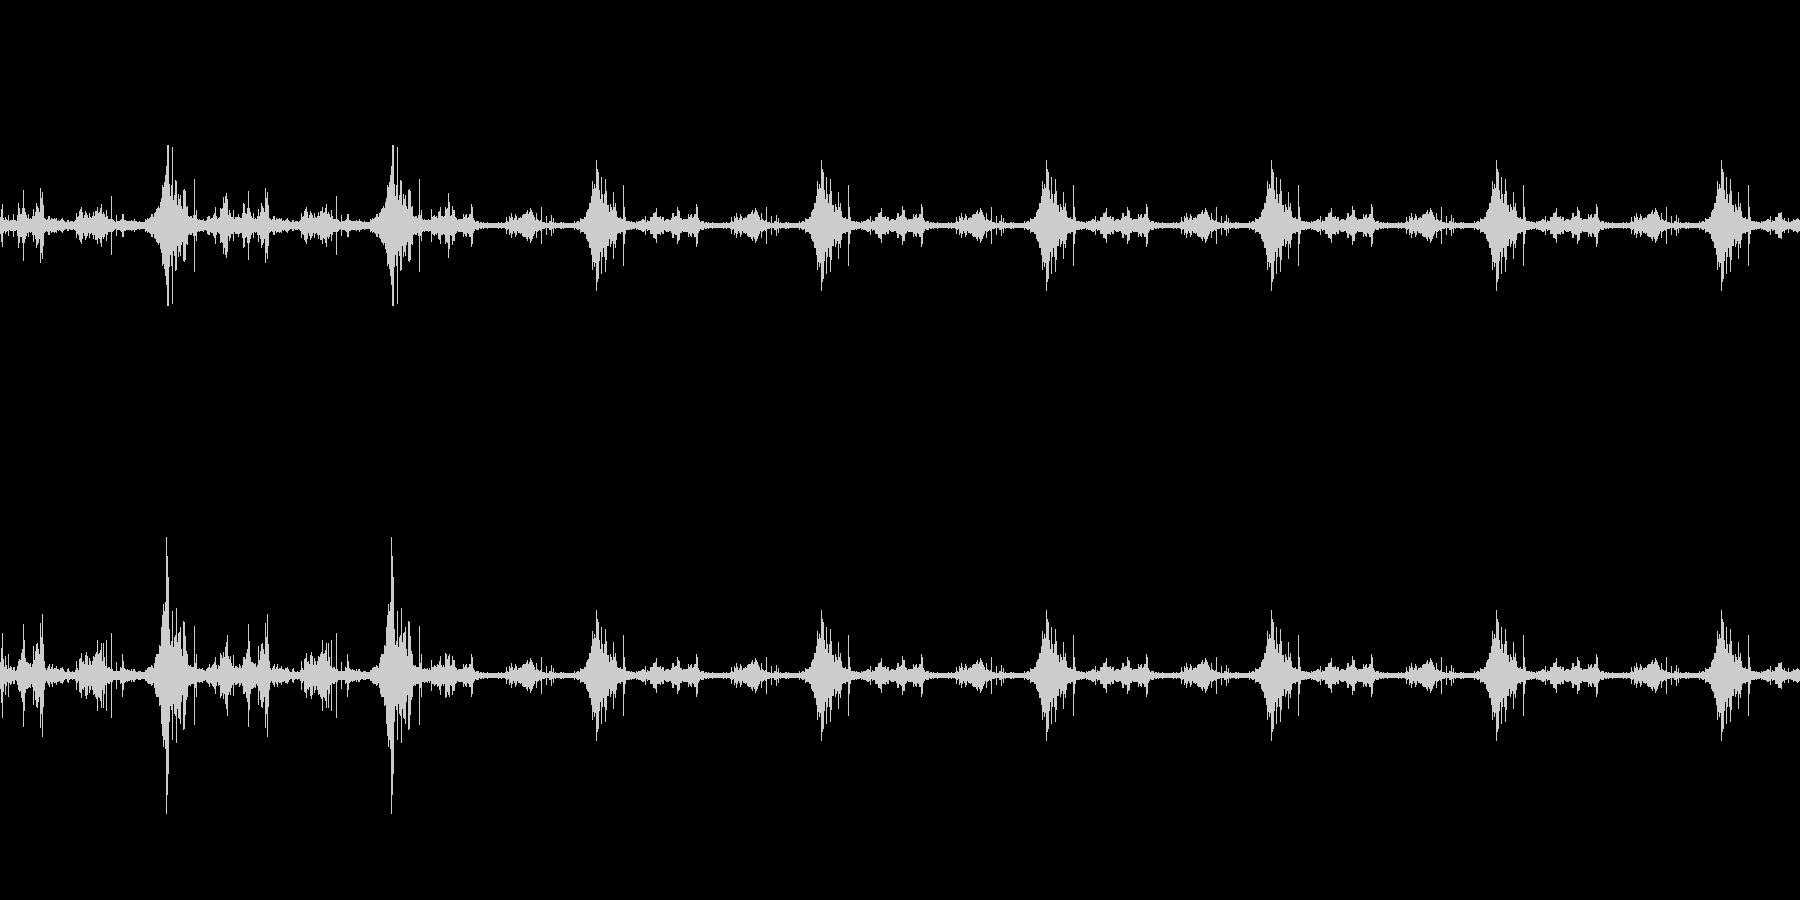 海面の音-2の未再生の波形